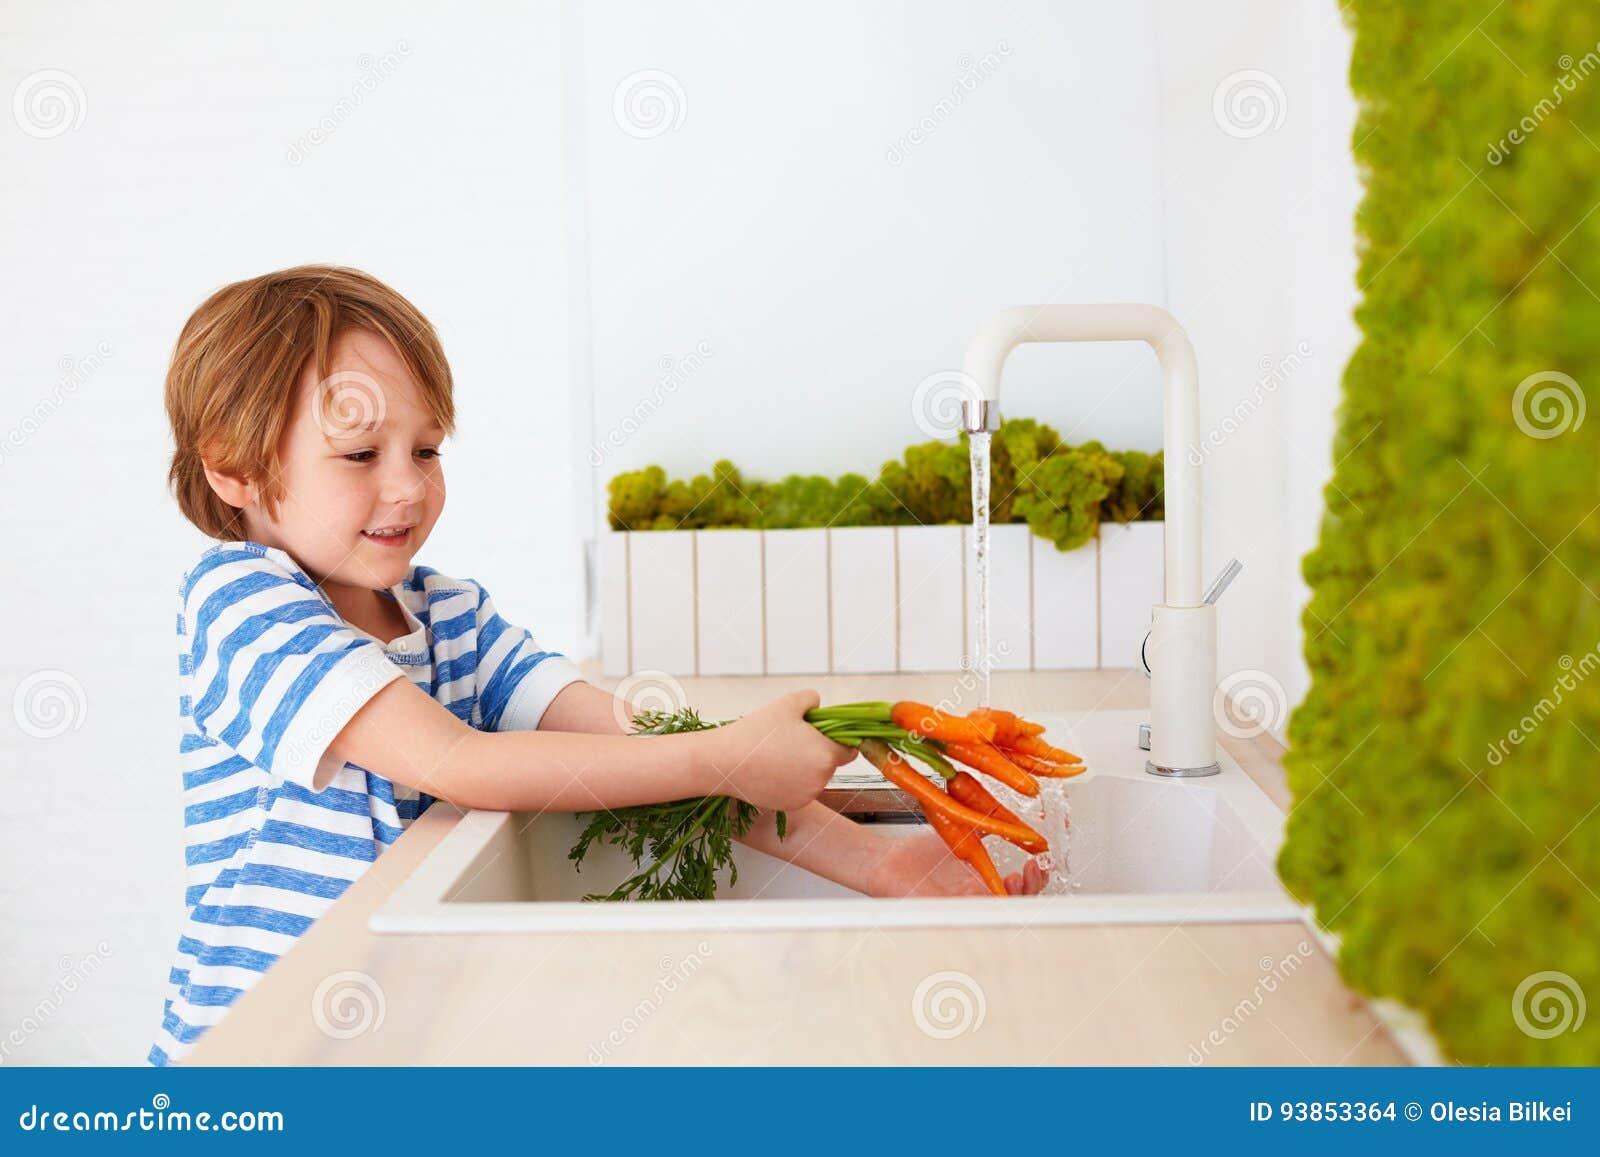 Χαριτωμένο νέο αγόρι που πλένει τα καρότα κάτω από το νερό βρύσης στην κουζίνα